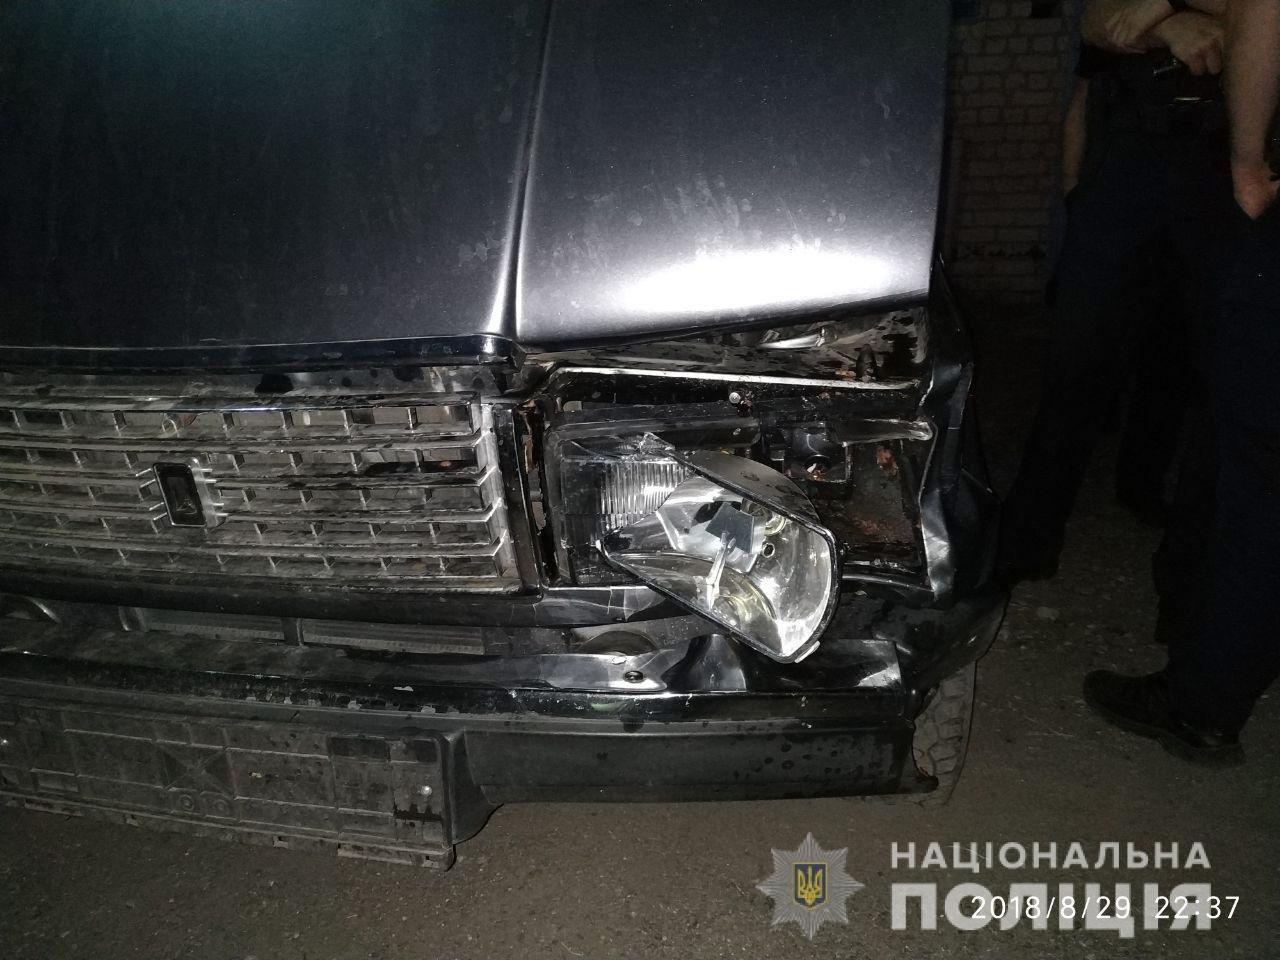 В Днепропетровской области сбили насмерть 15-летнюю девушку: водитель сбежал, - ФОТО, фото-1